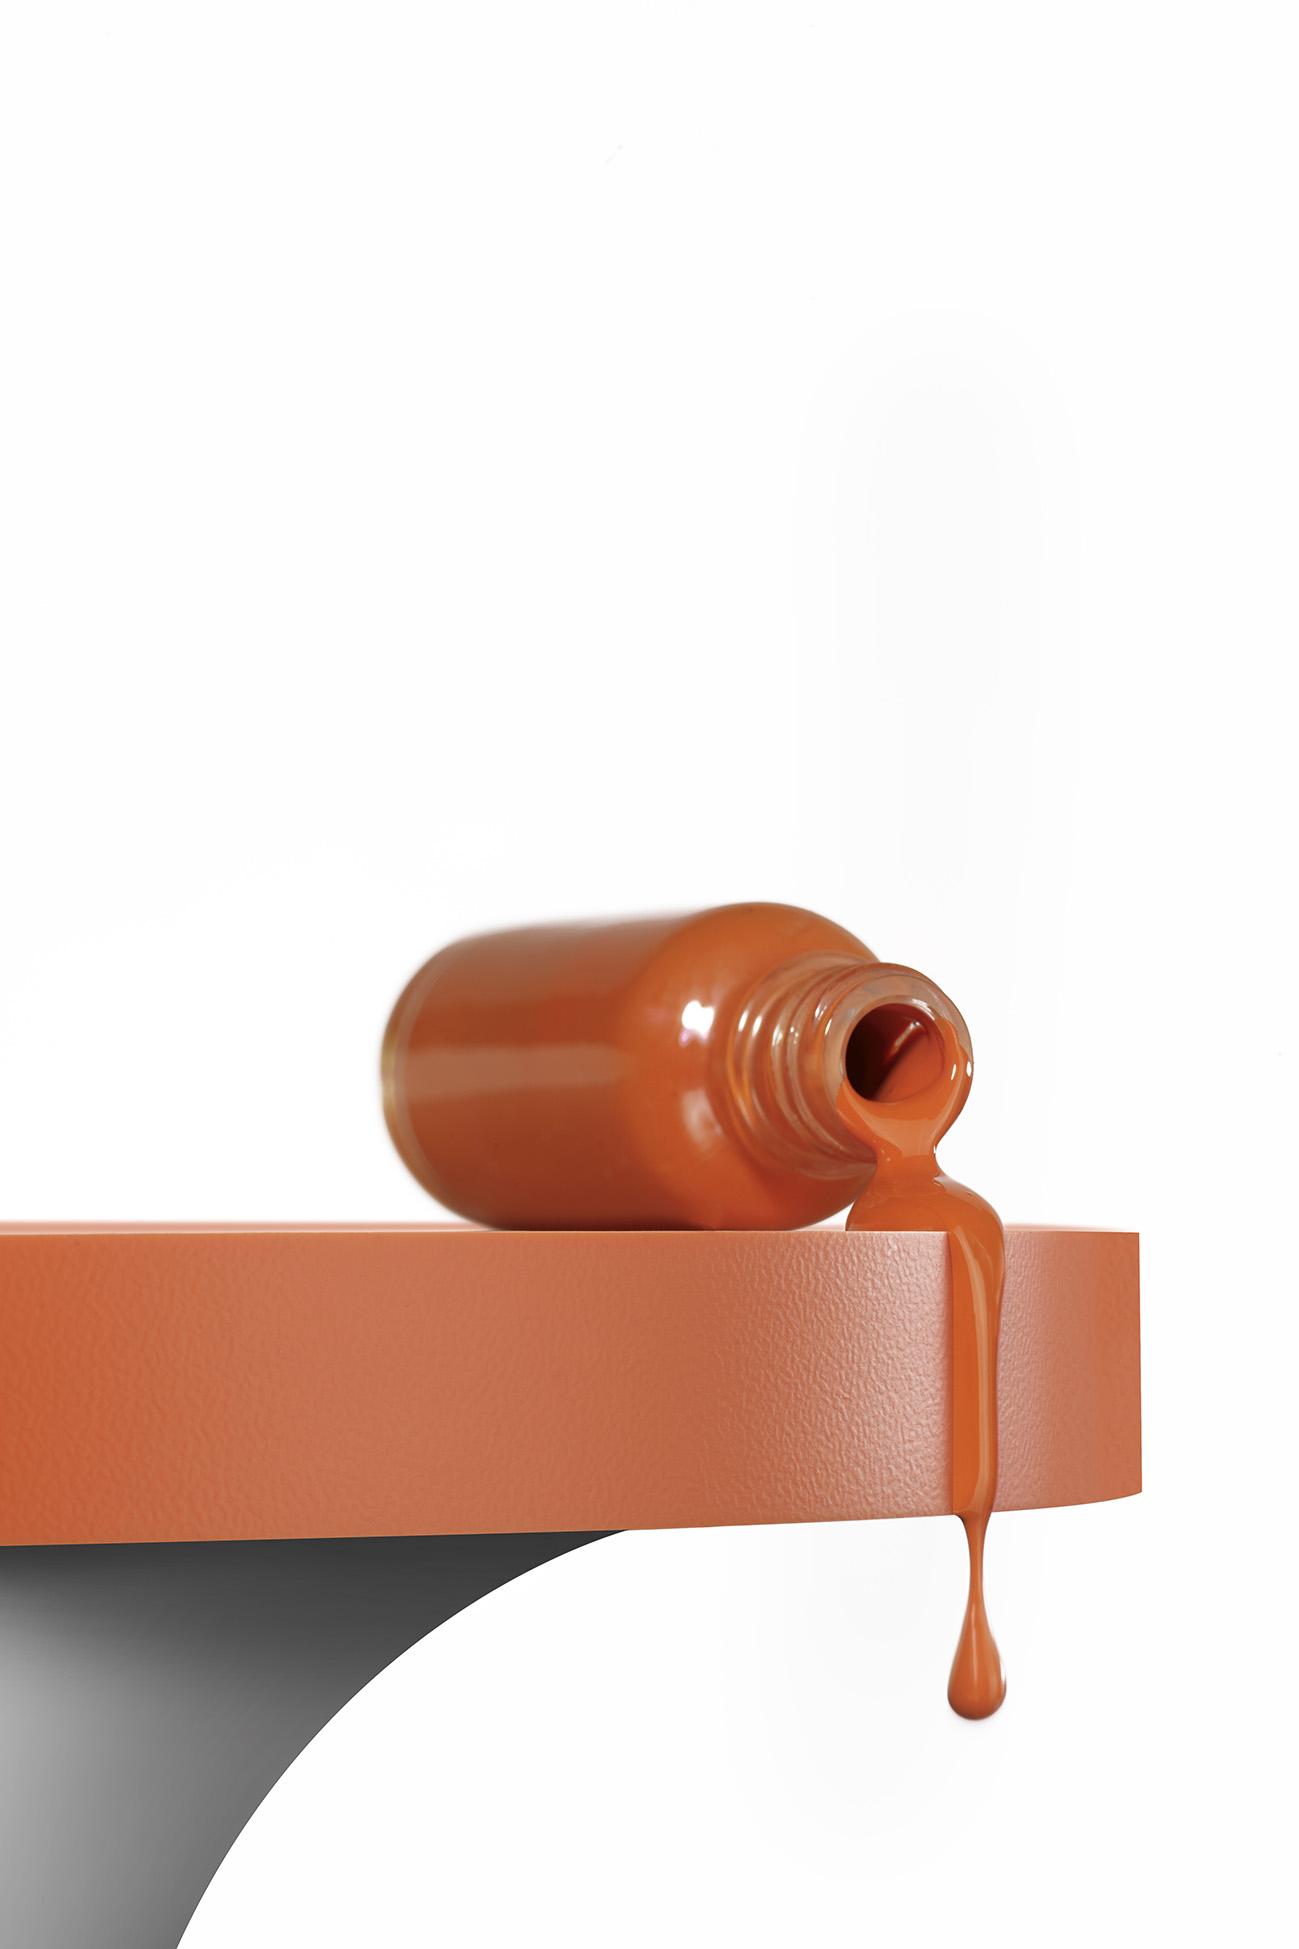 SURTECO Kantenband orange für die Möbelfertigung